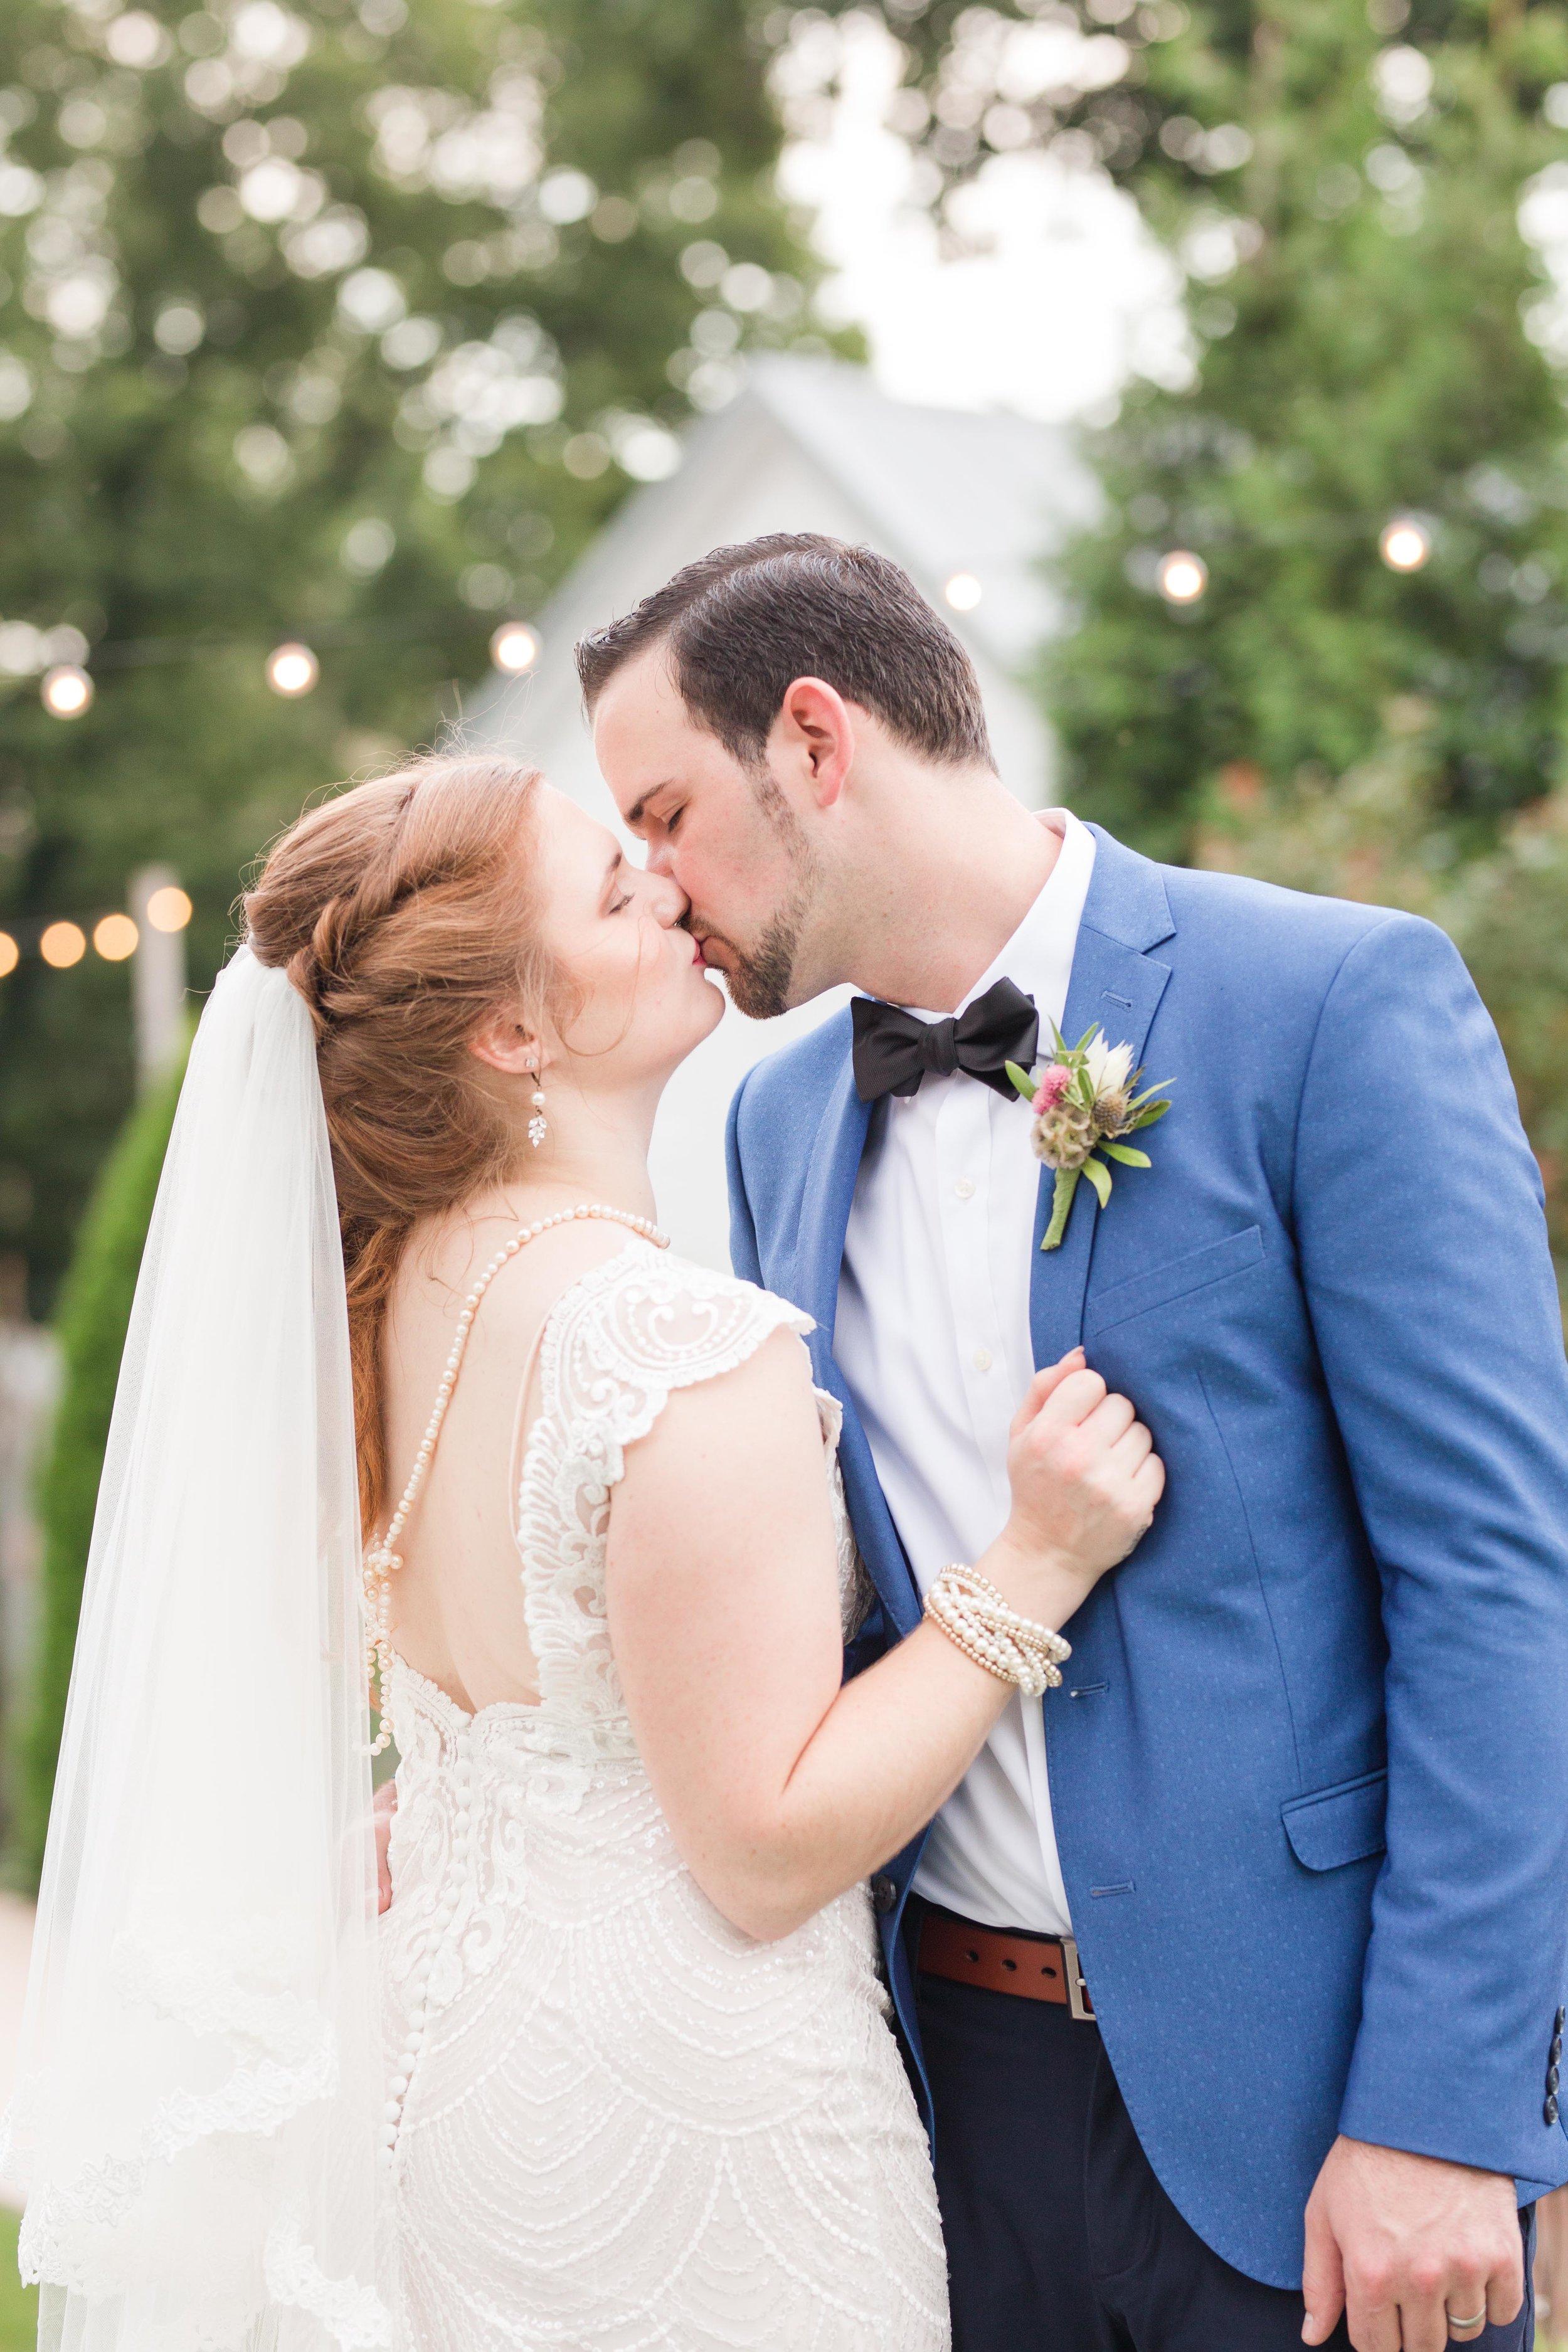 mcfarland_house_martinsburg_wedding-6.jpg